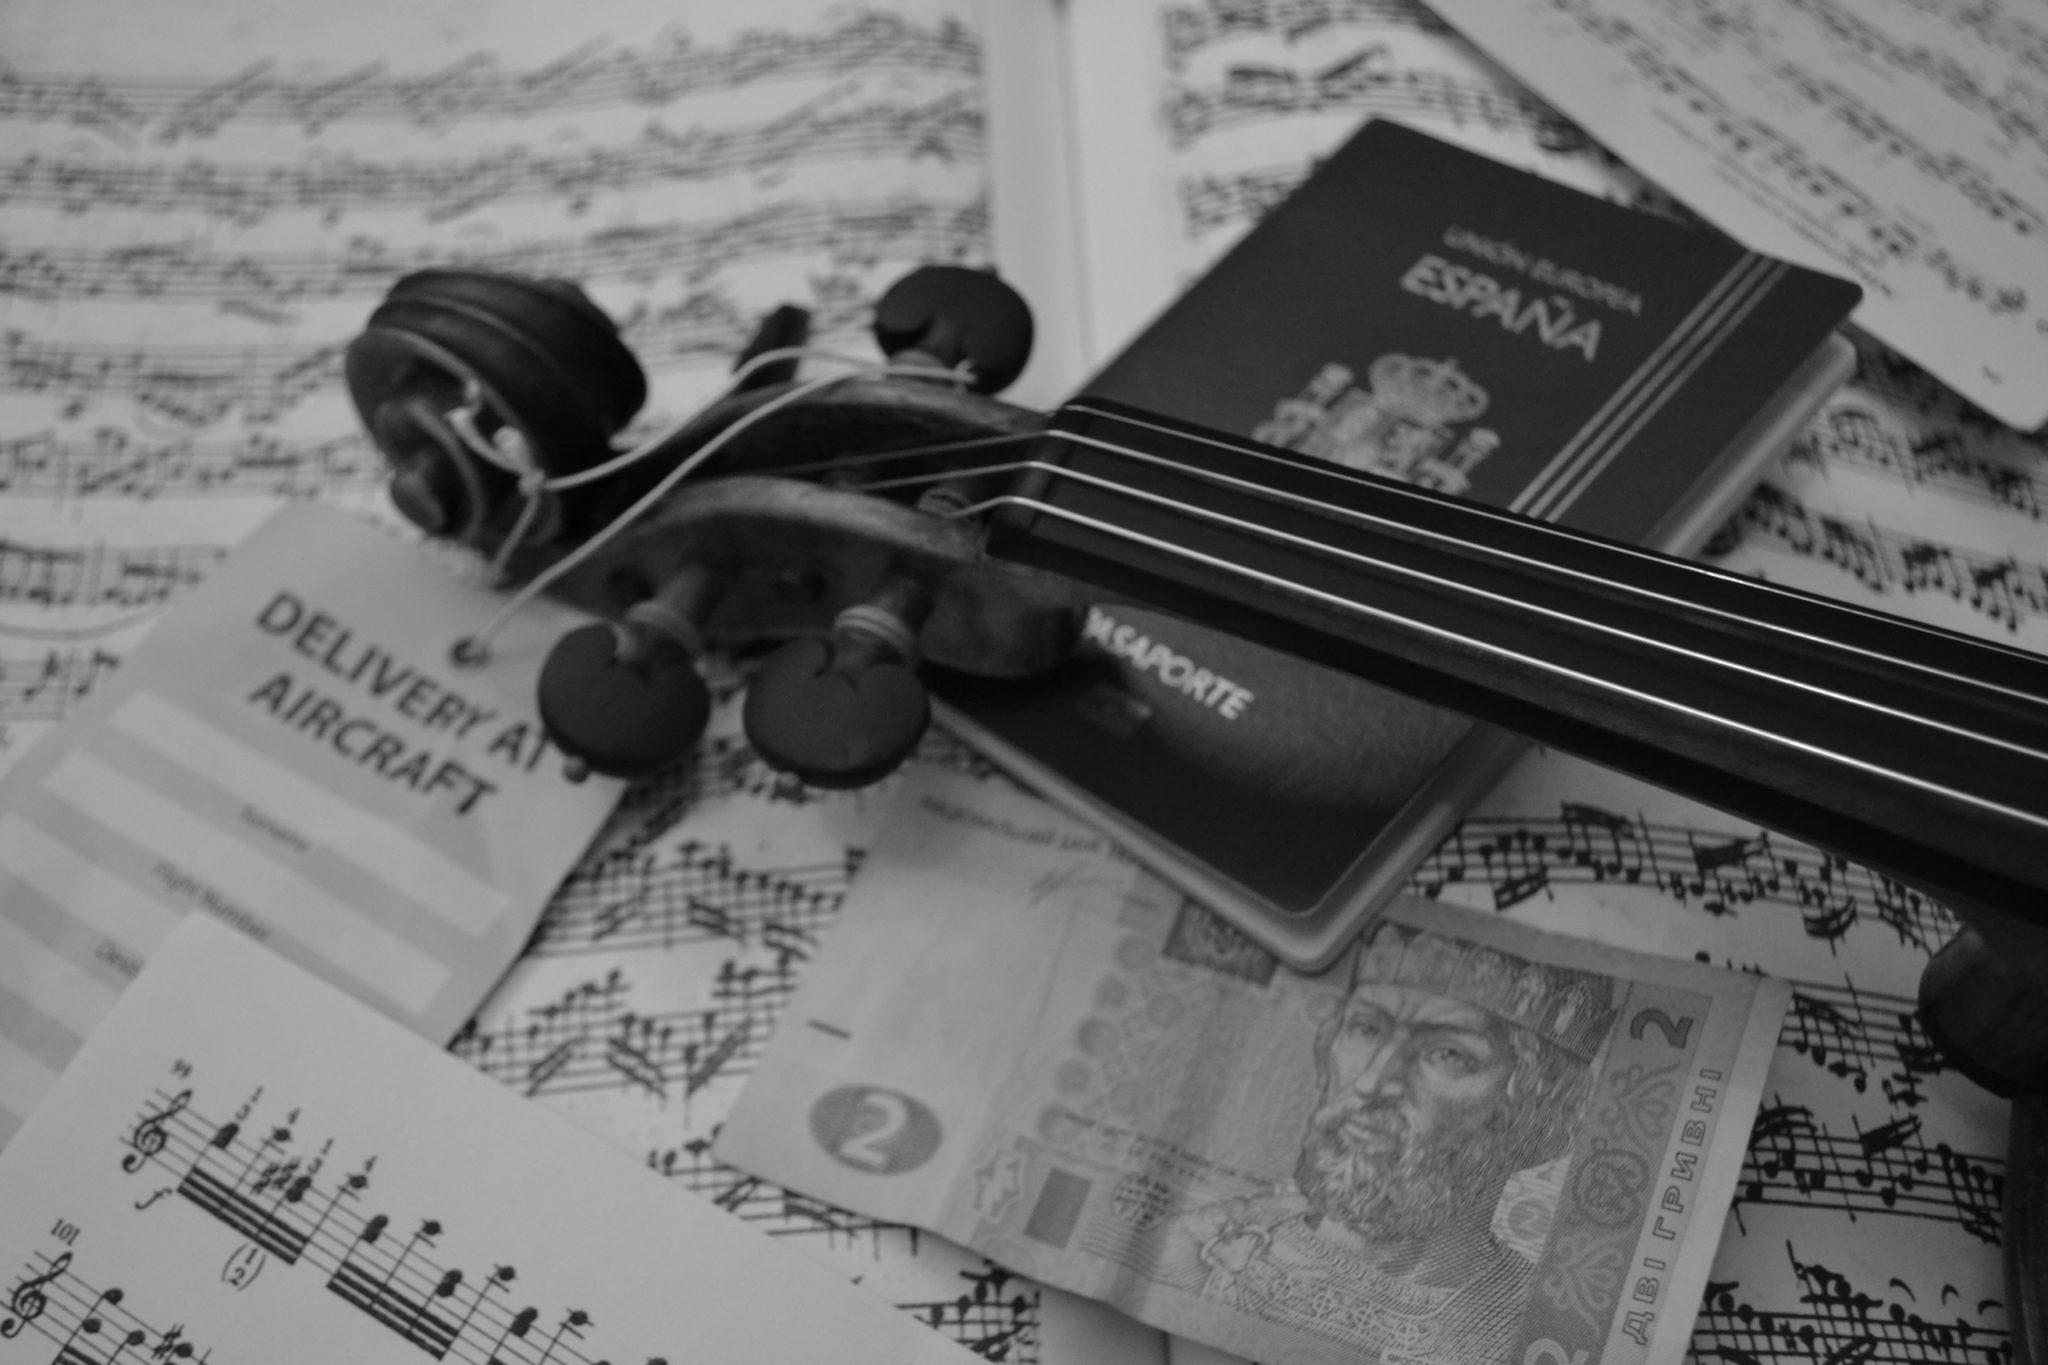 Passaport de partitures